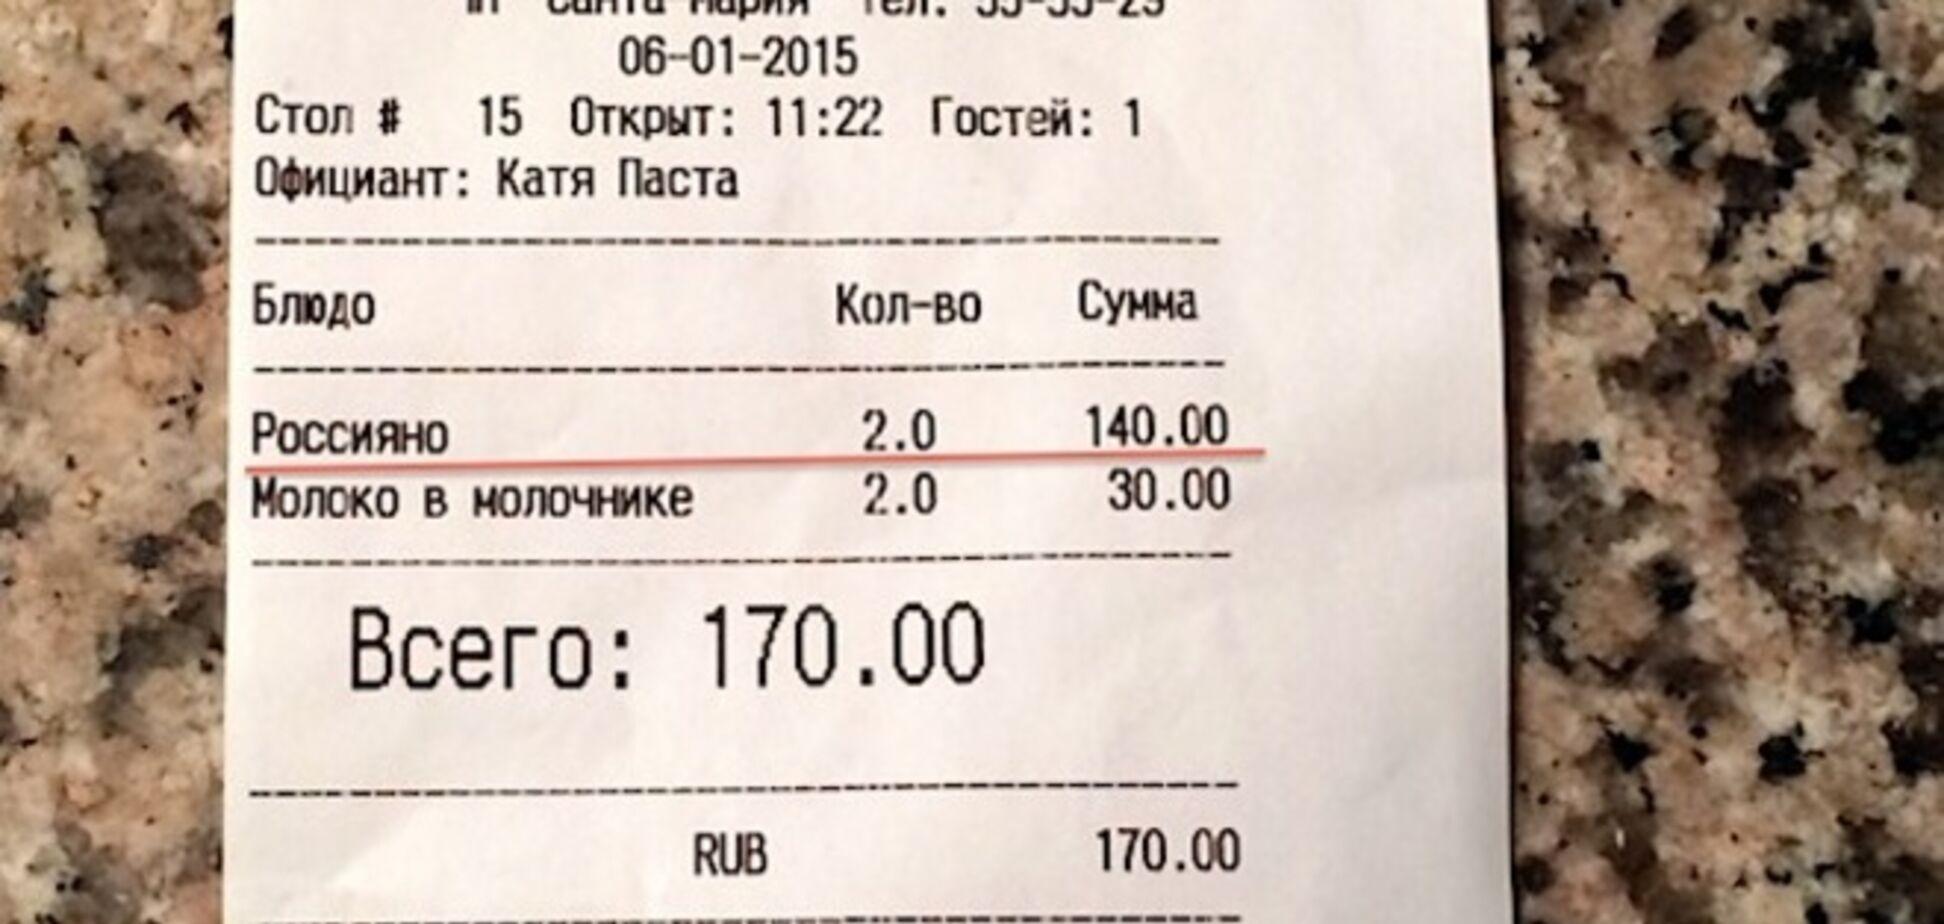 У Криму замість 'американо' п'ють 'росіяно'. Фотофакт